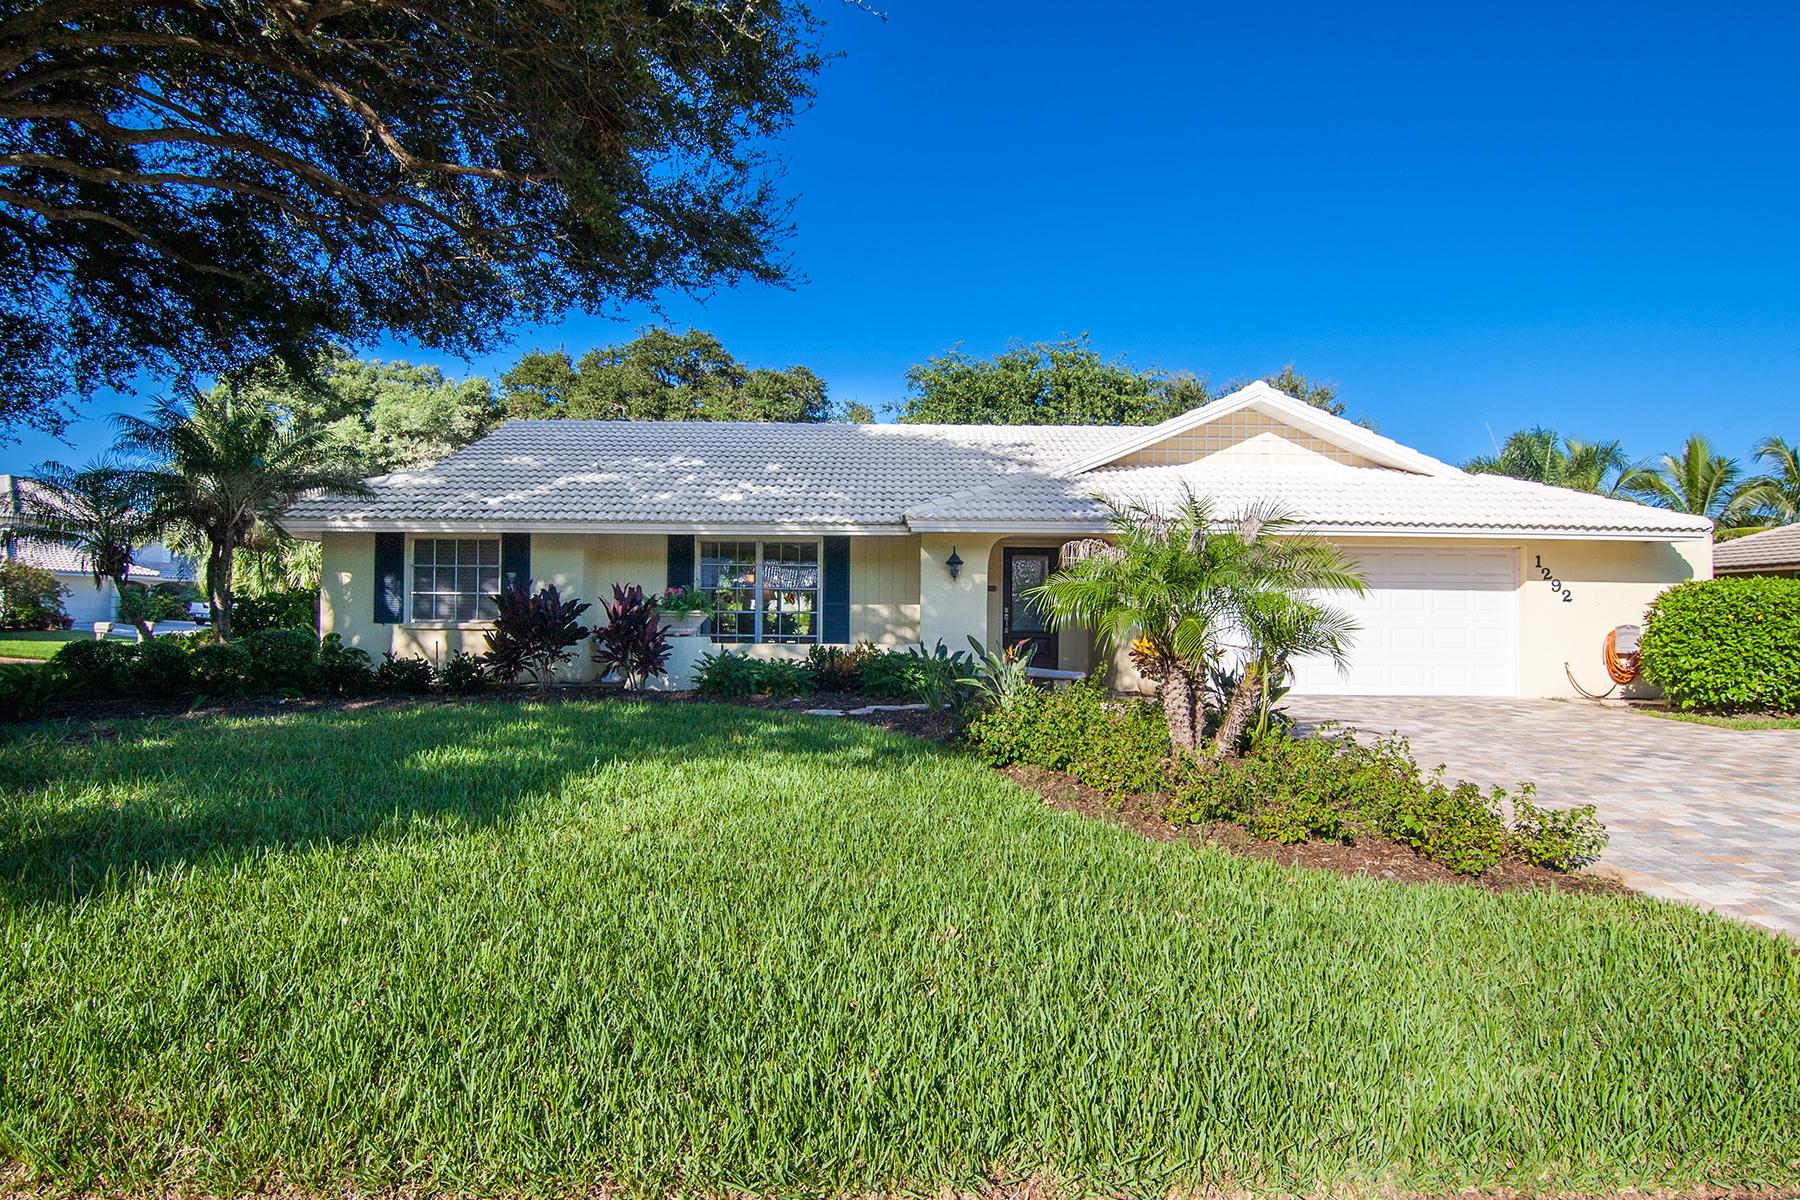 Maison unifamiliale pour l Vente à SOUTHBAY YACHT & RACQUET CLUB 1292 Southbay Dr Osprey, Florida, 34229 États-Unis